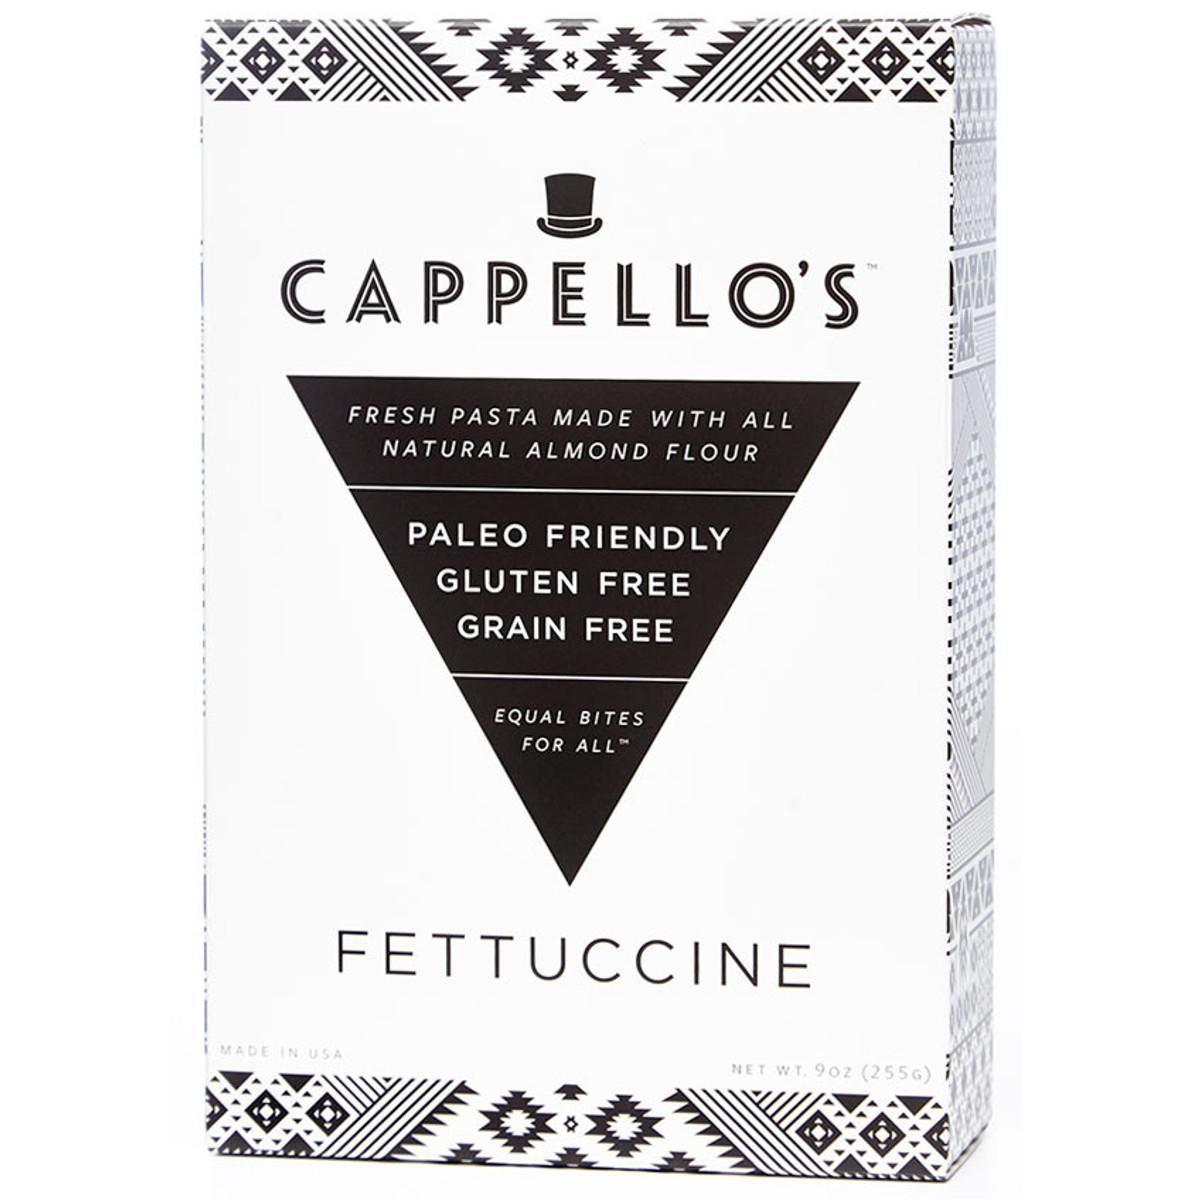 Cappello's Fettucini